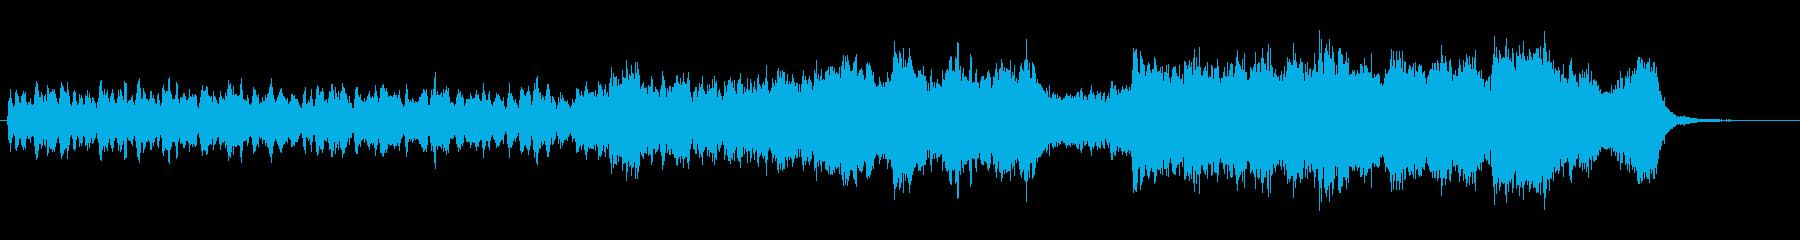 マイナーキーの高揚感あるサウンドトラックの再生済みの波形